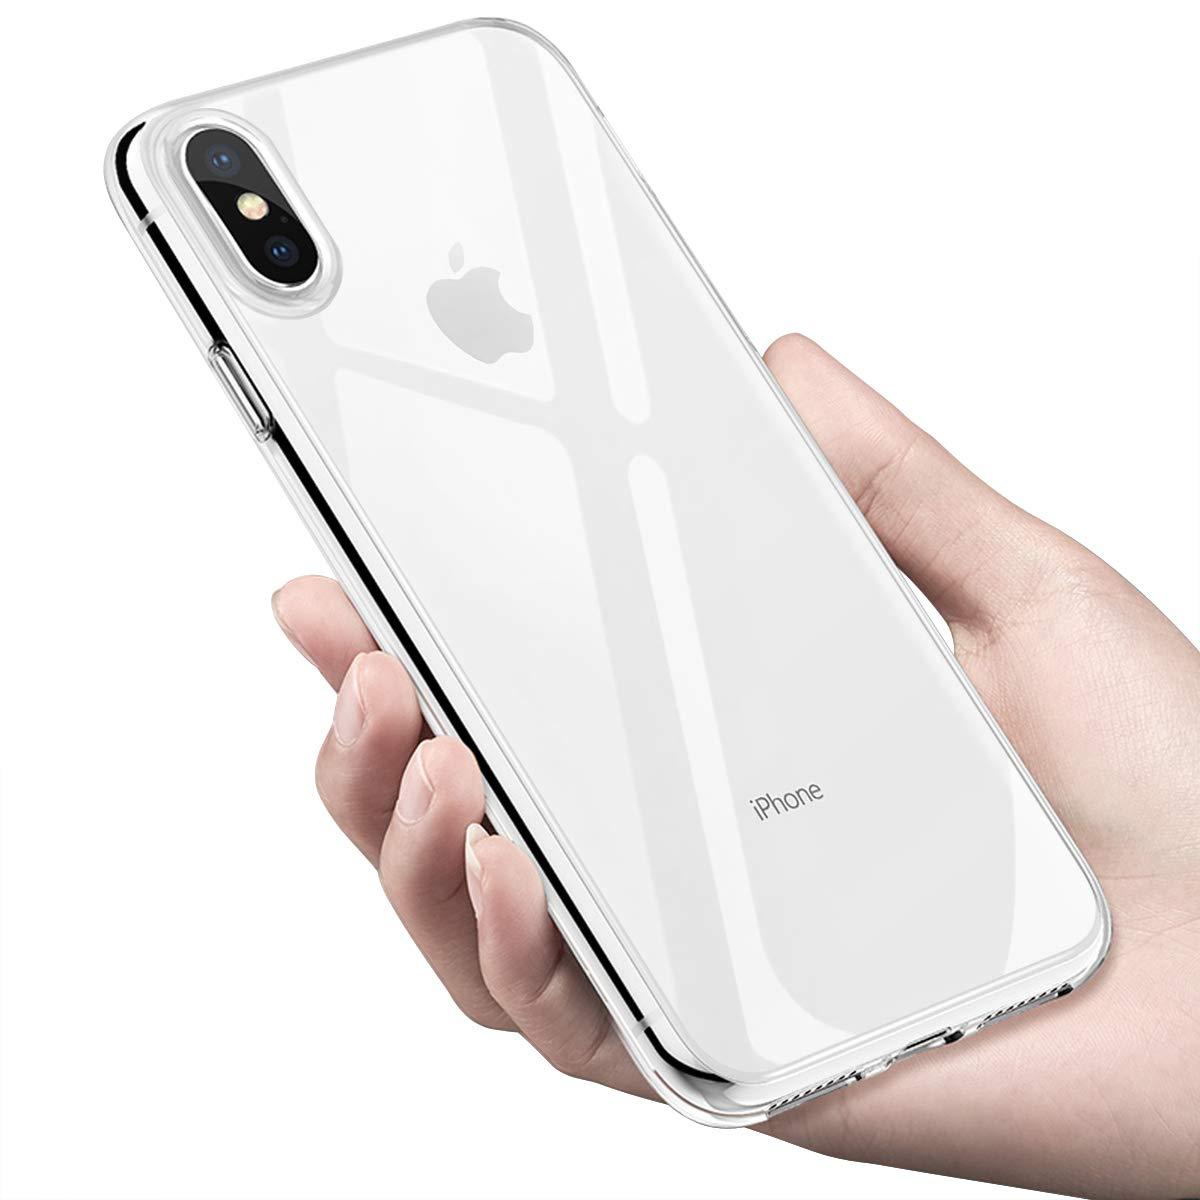 Funda iPhone XS Max, Infreecs Carcasa iPhone XS Max Teléfono Móvil Ultra Fina Cover Anti-Arañazos Anti-Shock Funda Suave TPU Gel Case Bumper Silicona Case para iPhone XS Max Case Cover - Transparente